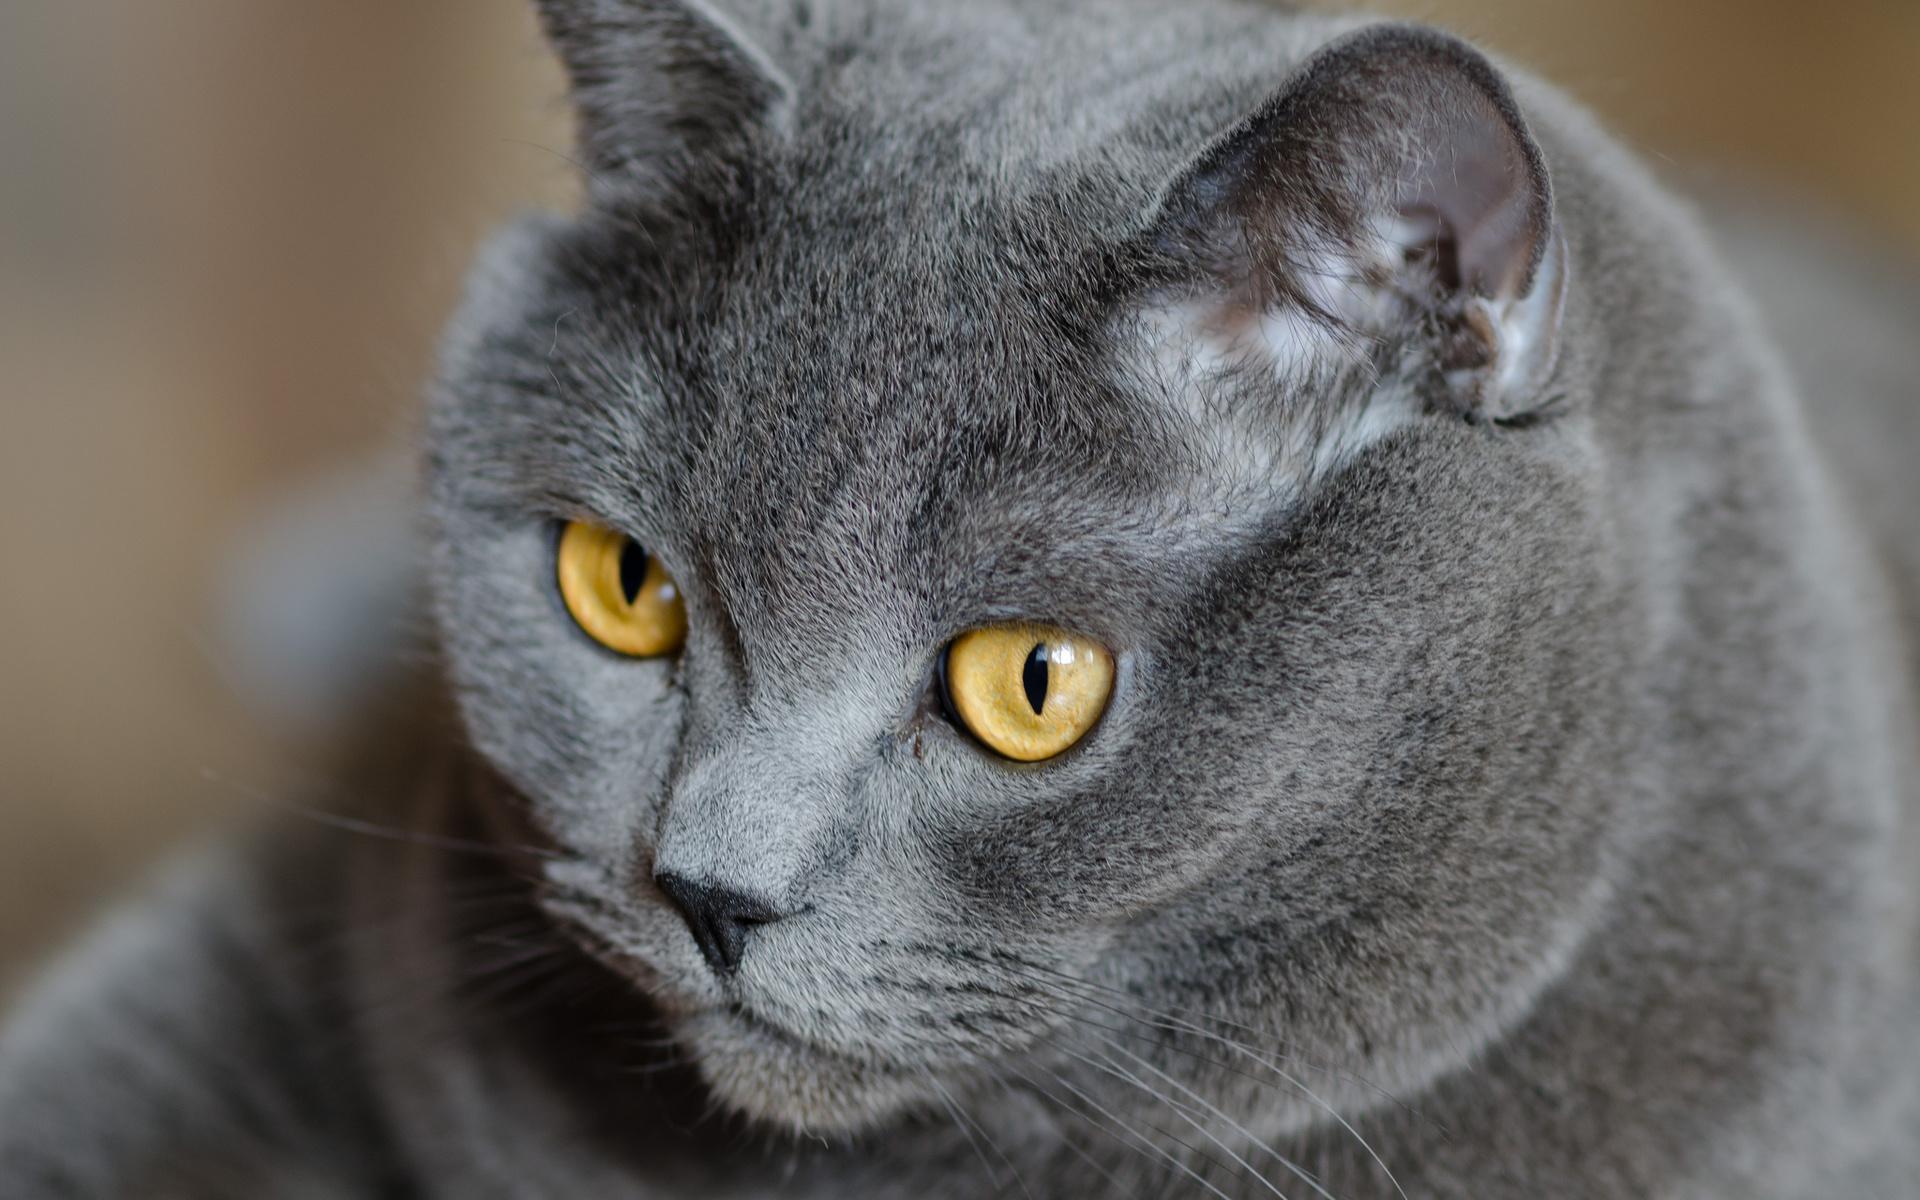 Картинки британских кошек и котов, смешные картинки открытка